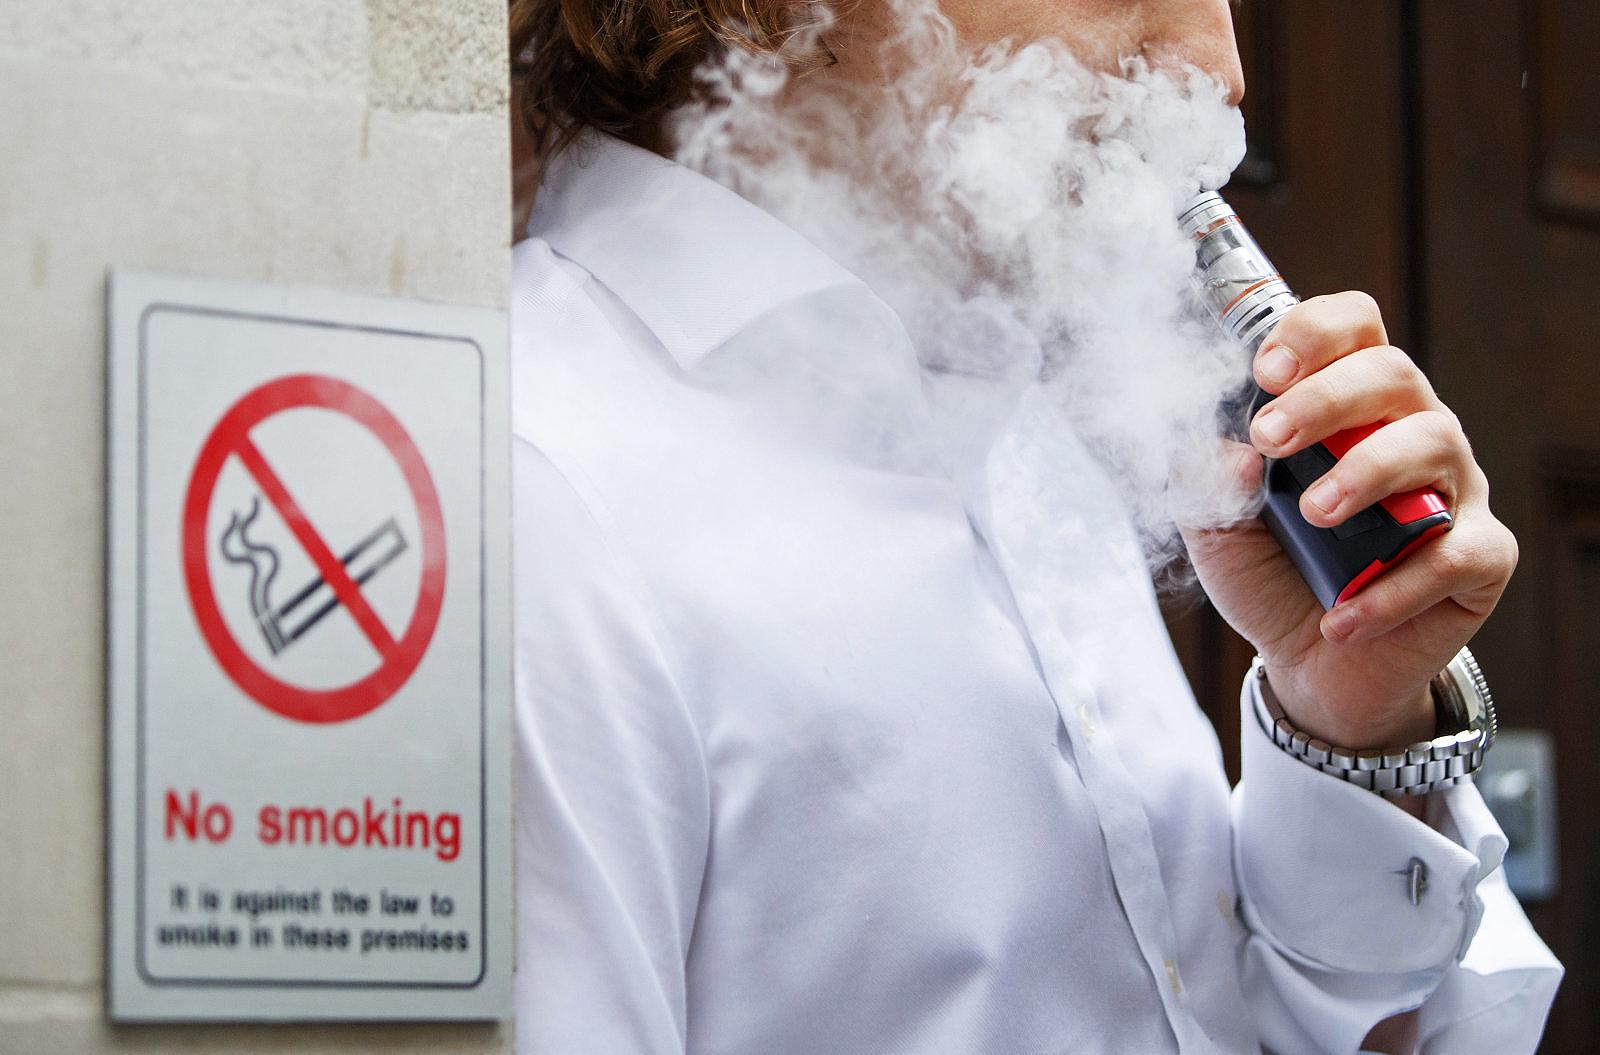 Thuốc lá điện tử không an toàn như nhiều người vẫn nghĩ. Ảnh: AFP